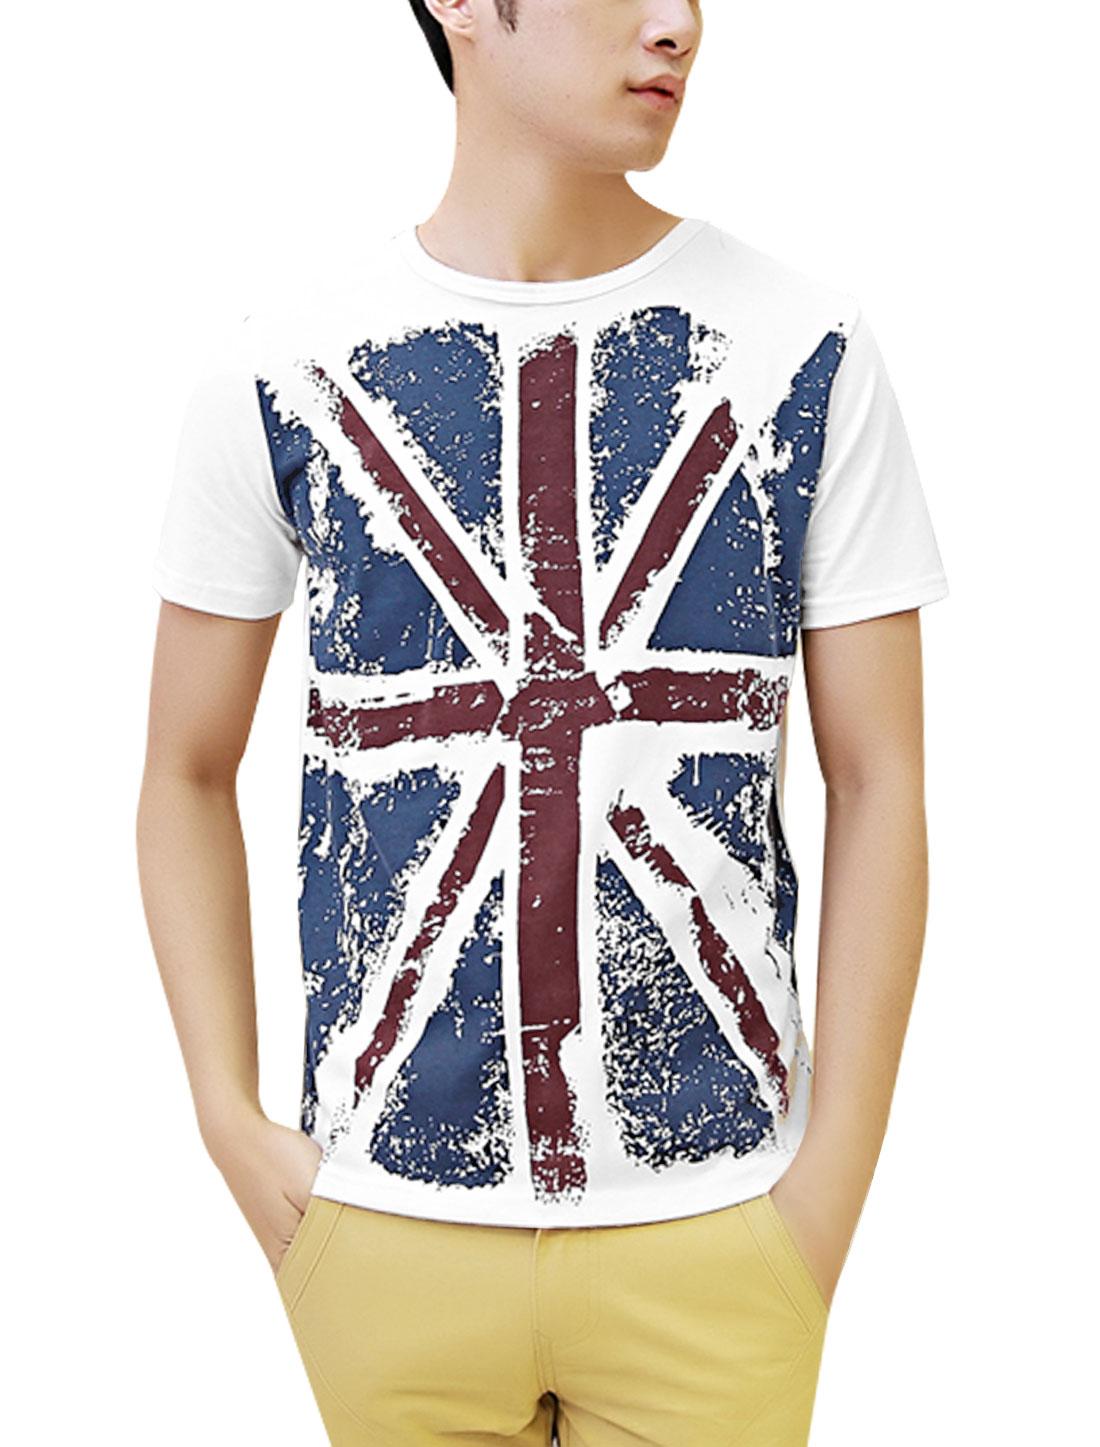 Man British Flag Print Short Sleeve Tee Shirt White L